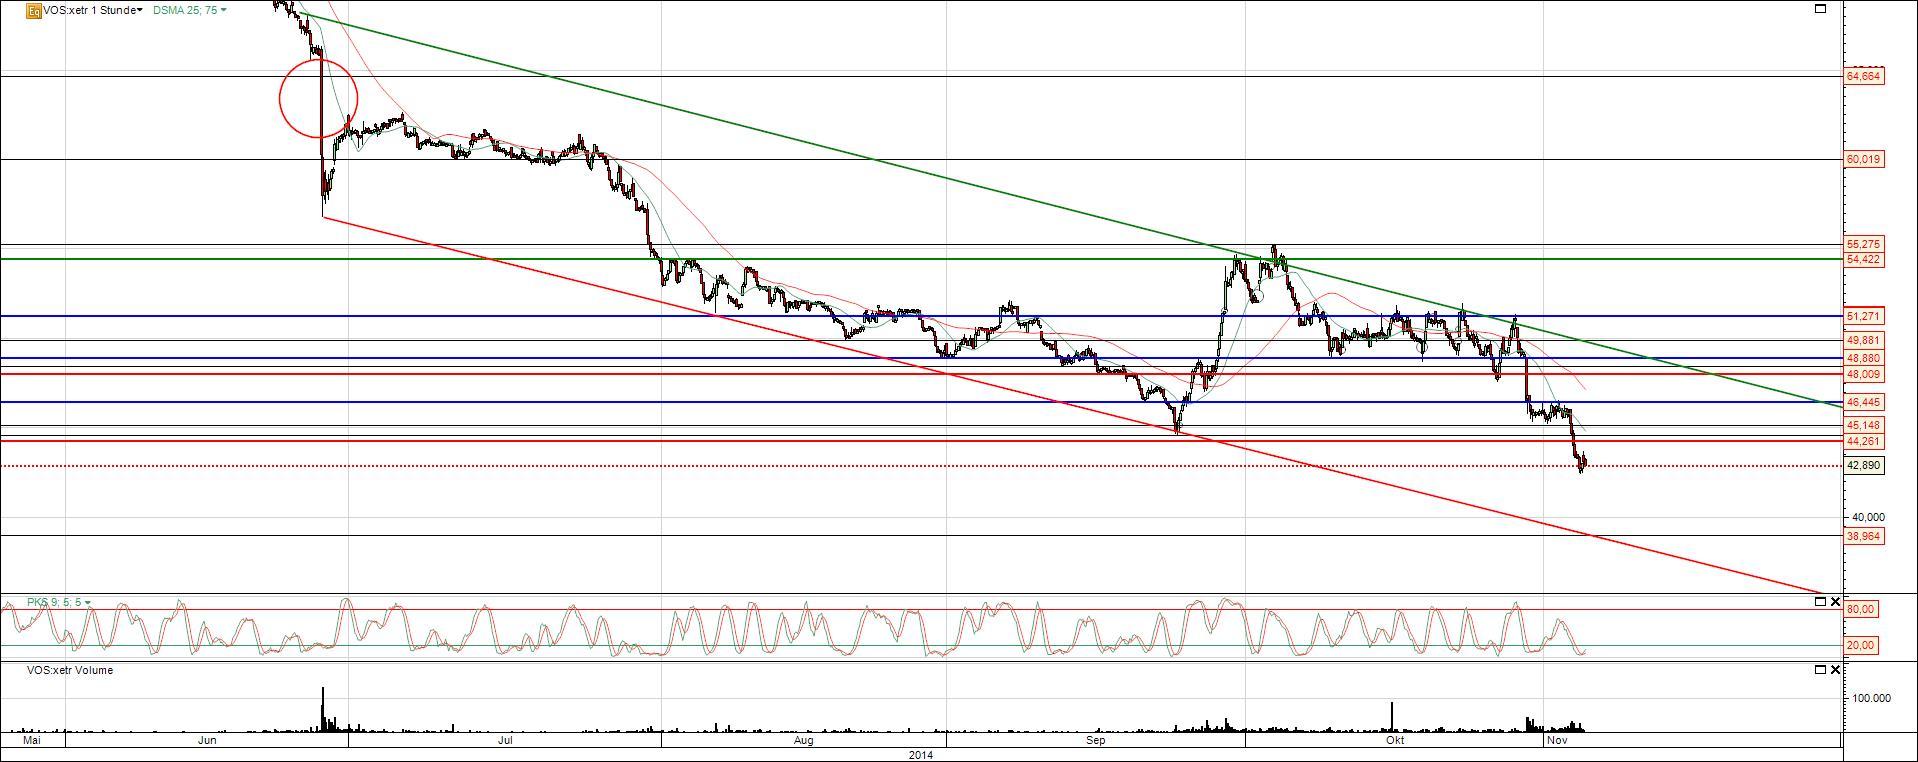 Vossloh Aktie Chart mit Trend